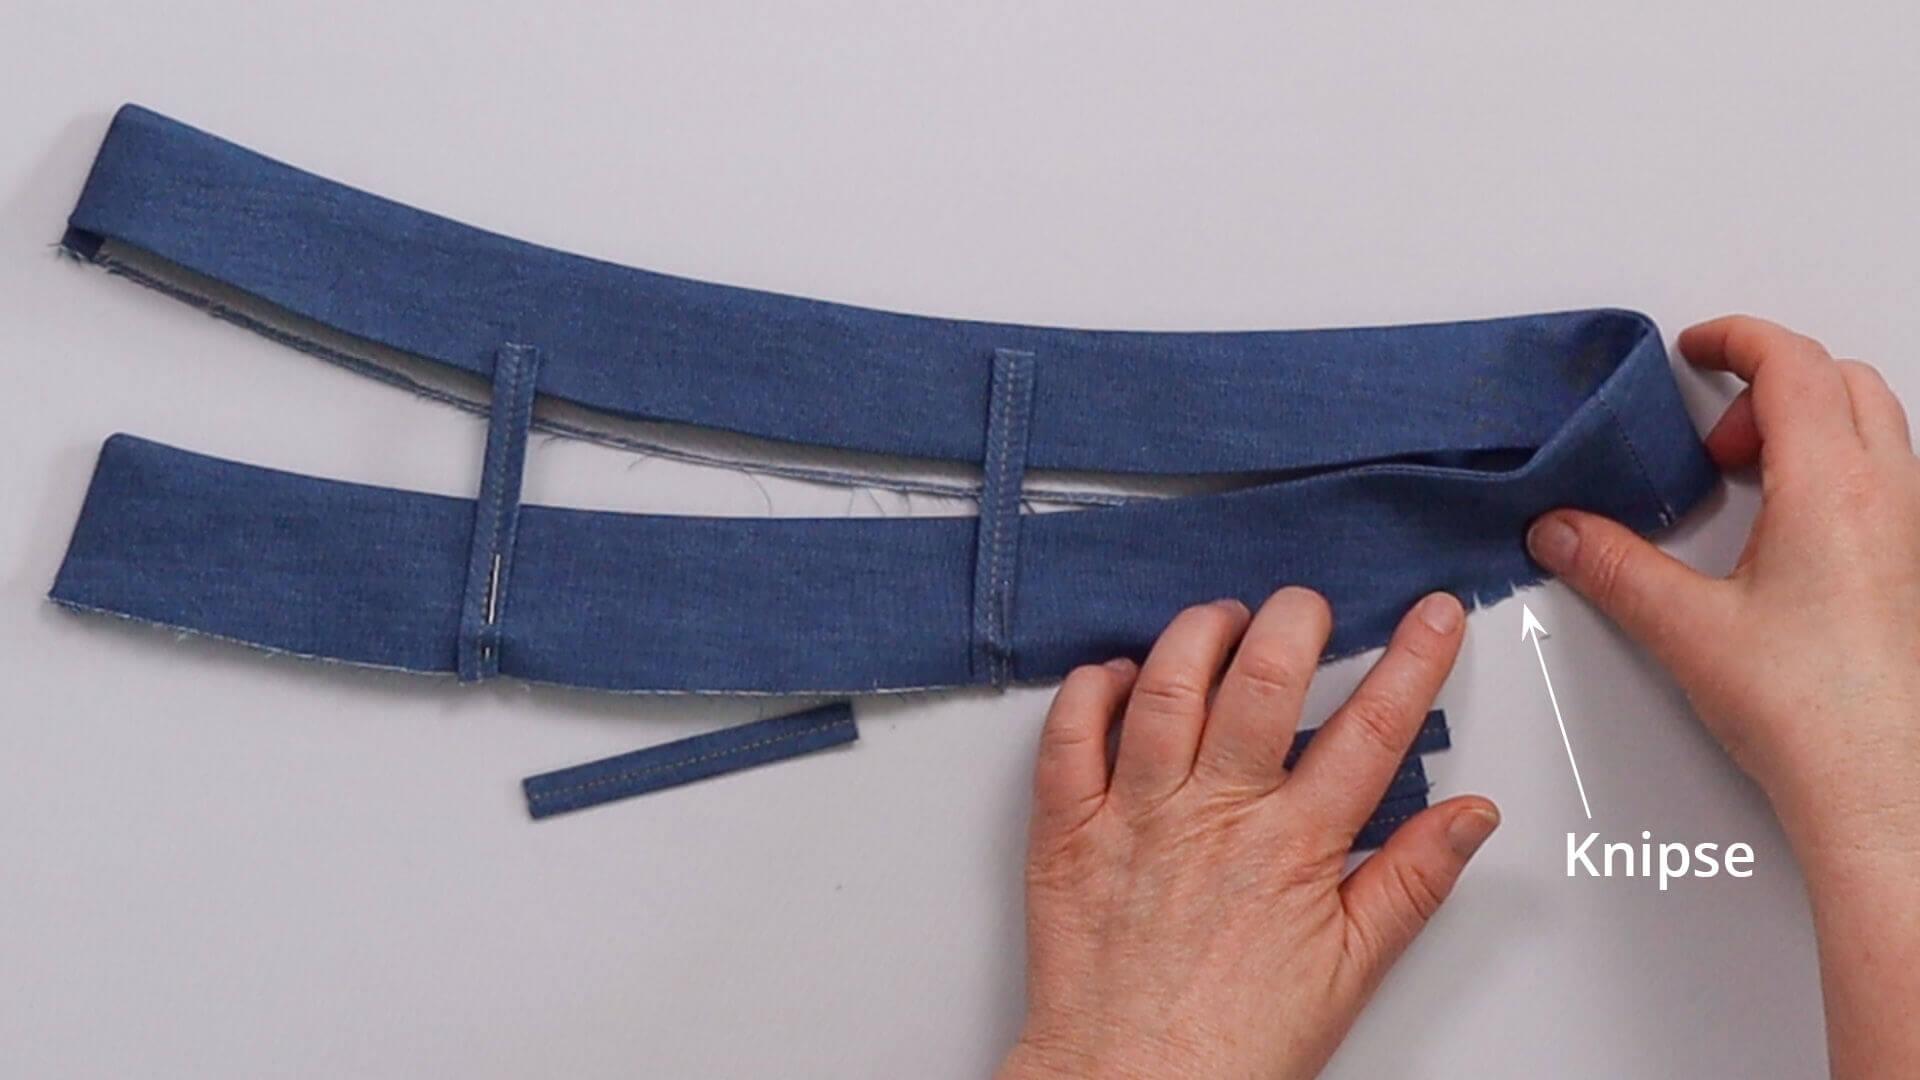 angesetzten Hosenbund #B01 selber nähen-Gürtelschlaufen zwischen Knipse auf Außenbund feststecken